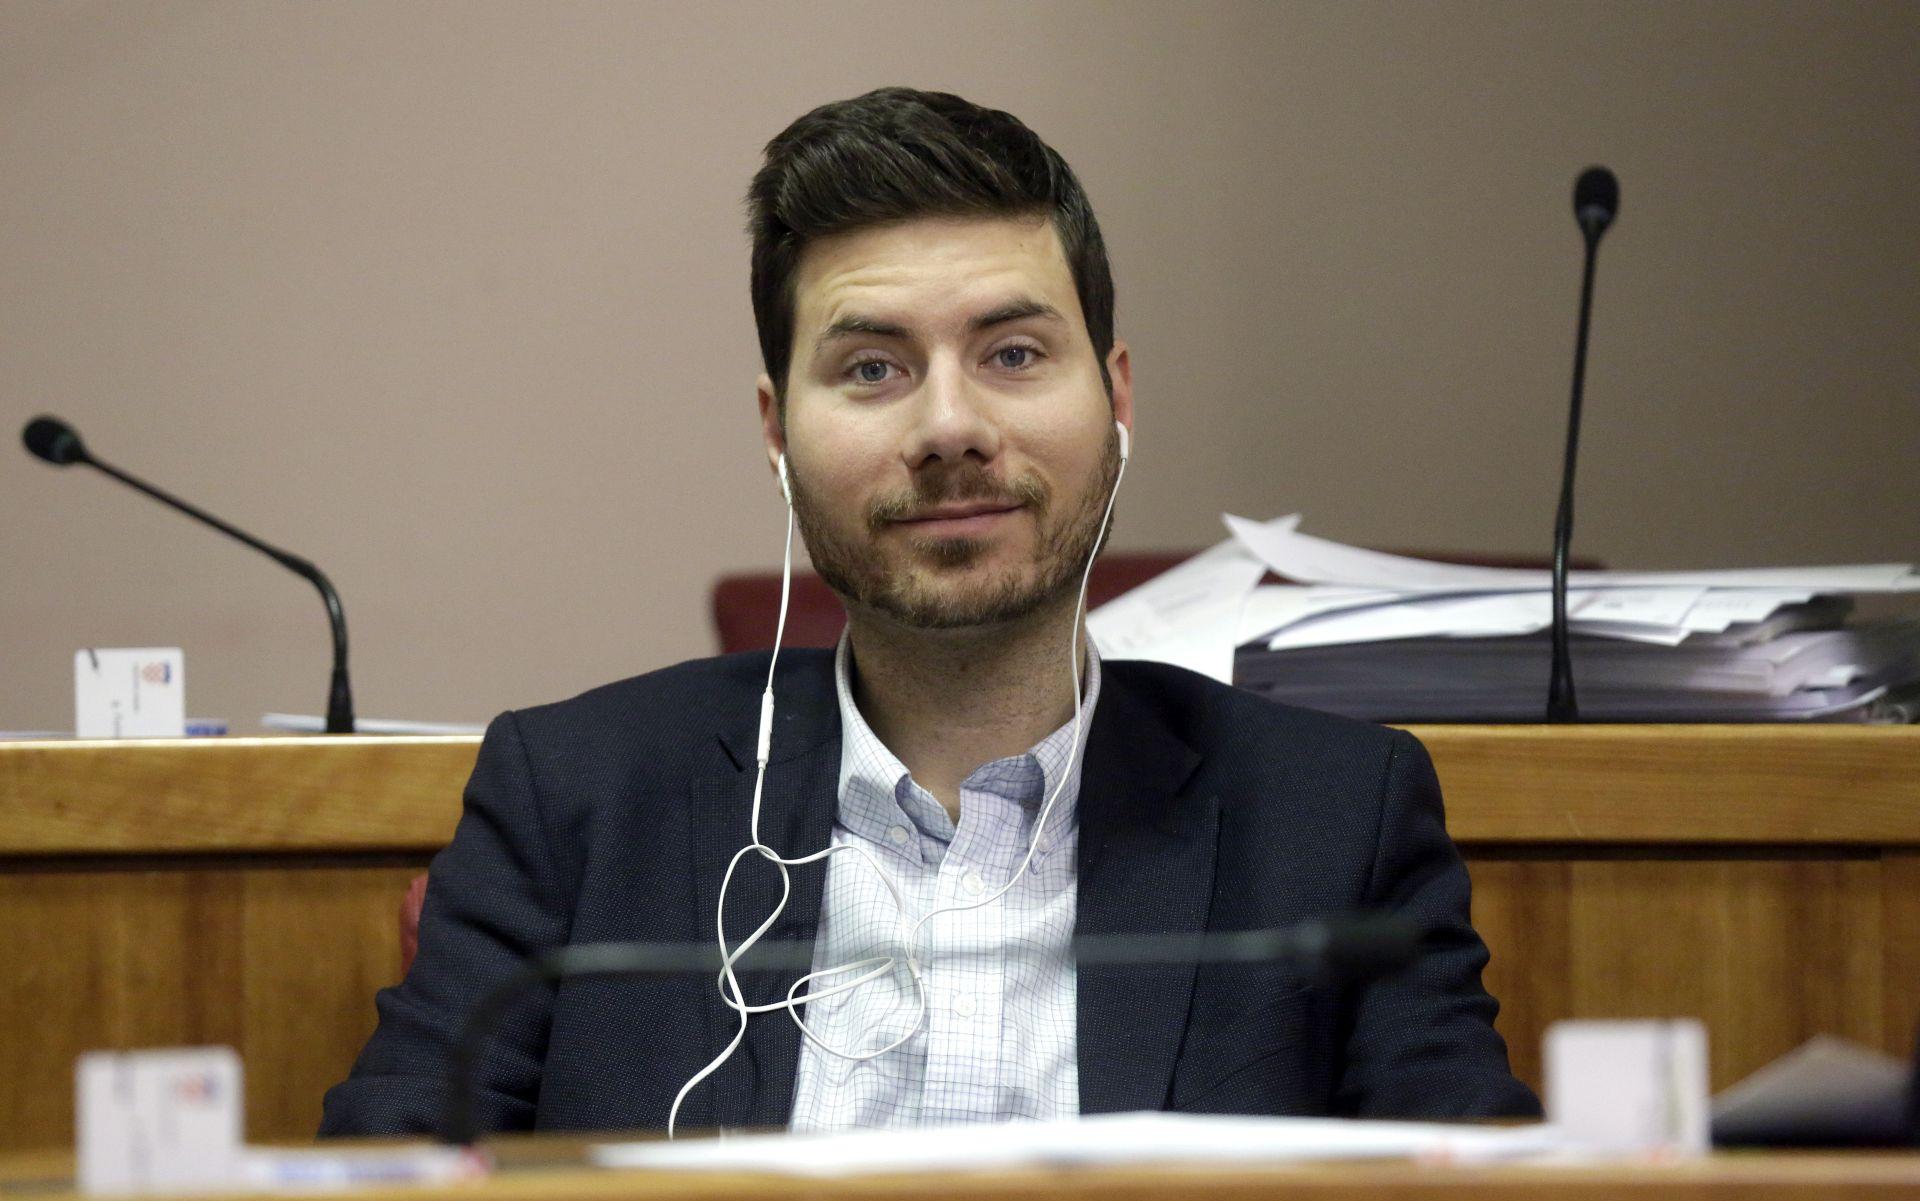 PERNAR RUSIMA 'Ne dajte Plenkoviću novac, nek Vlada propadne zajedno s Agrokorom'